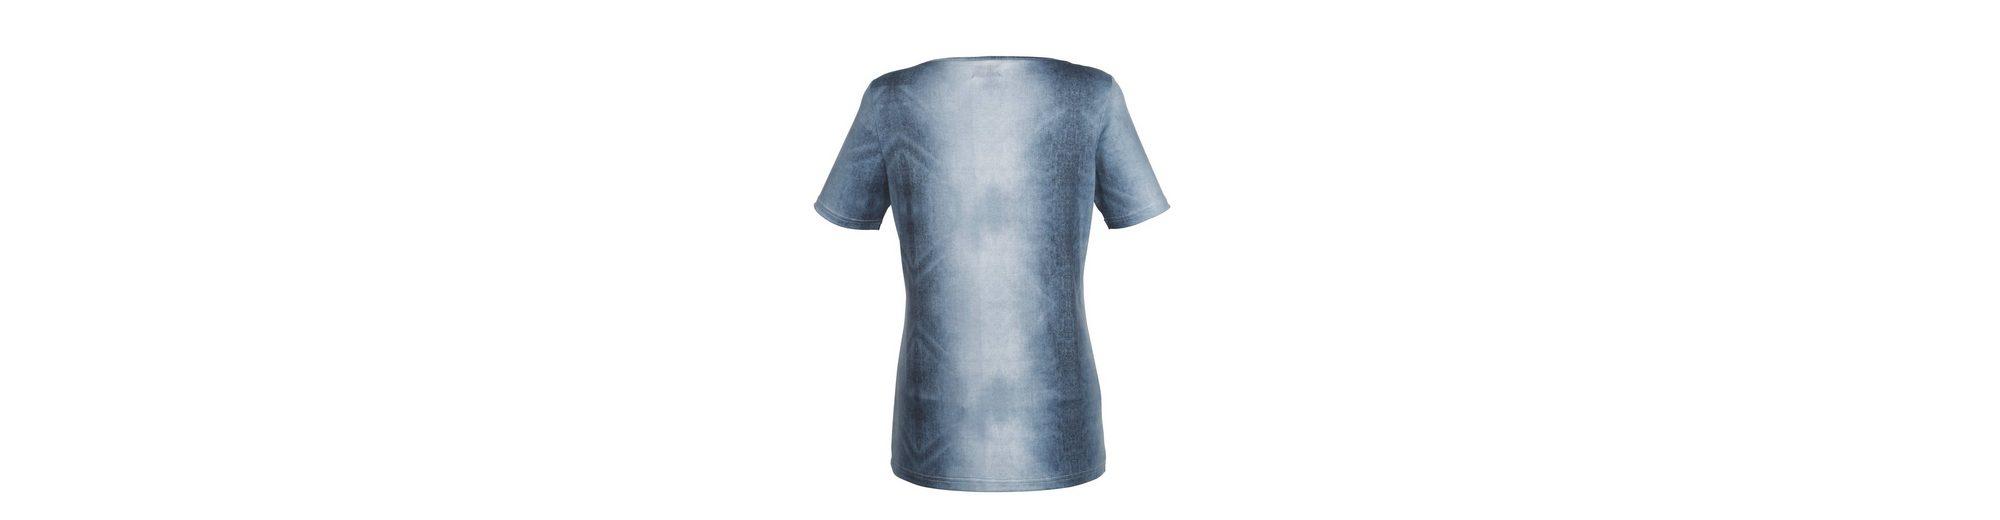 Laura Kent Shirt in trendy Denim-Druck Brandneues Unisex Günstiger Preis 2018 Neue Bestes Geschäft Zu Erhalten Online-Verkauf 9IupYU